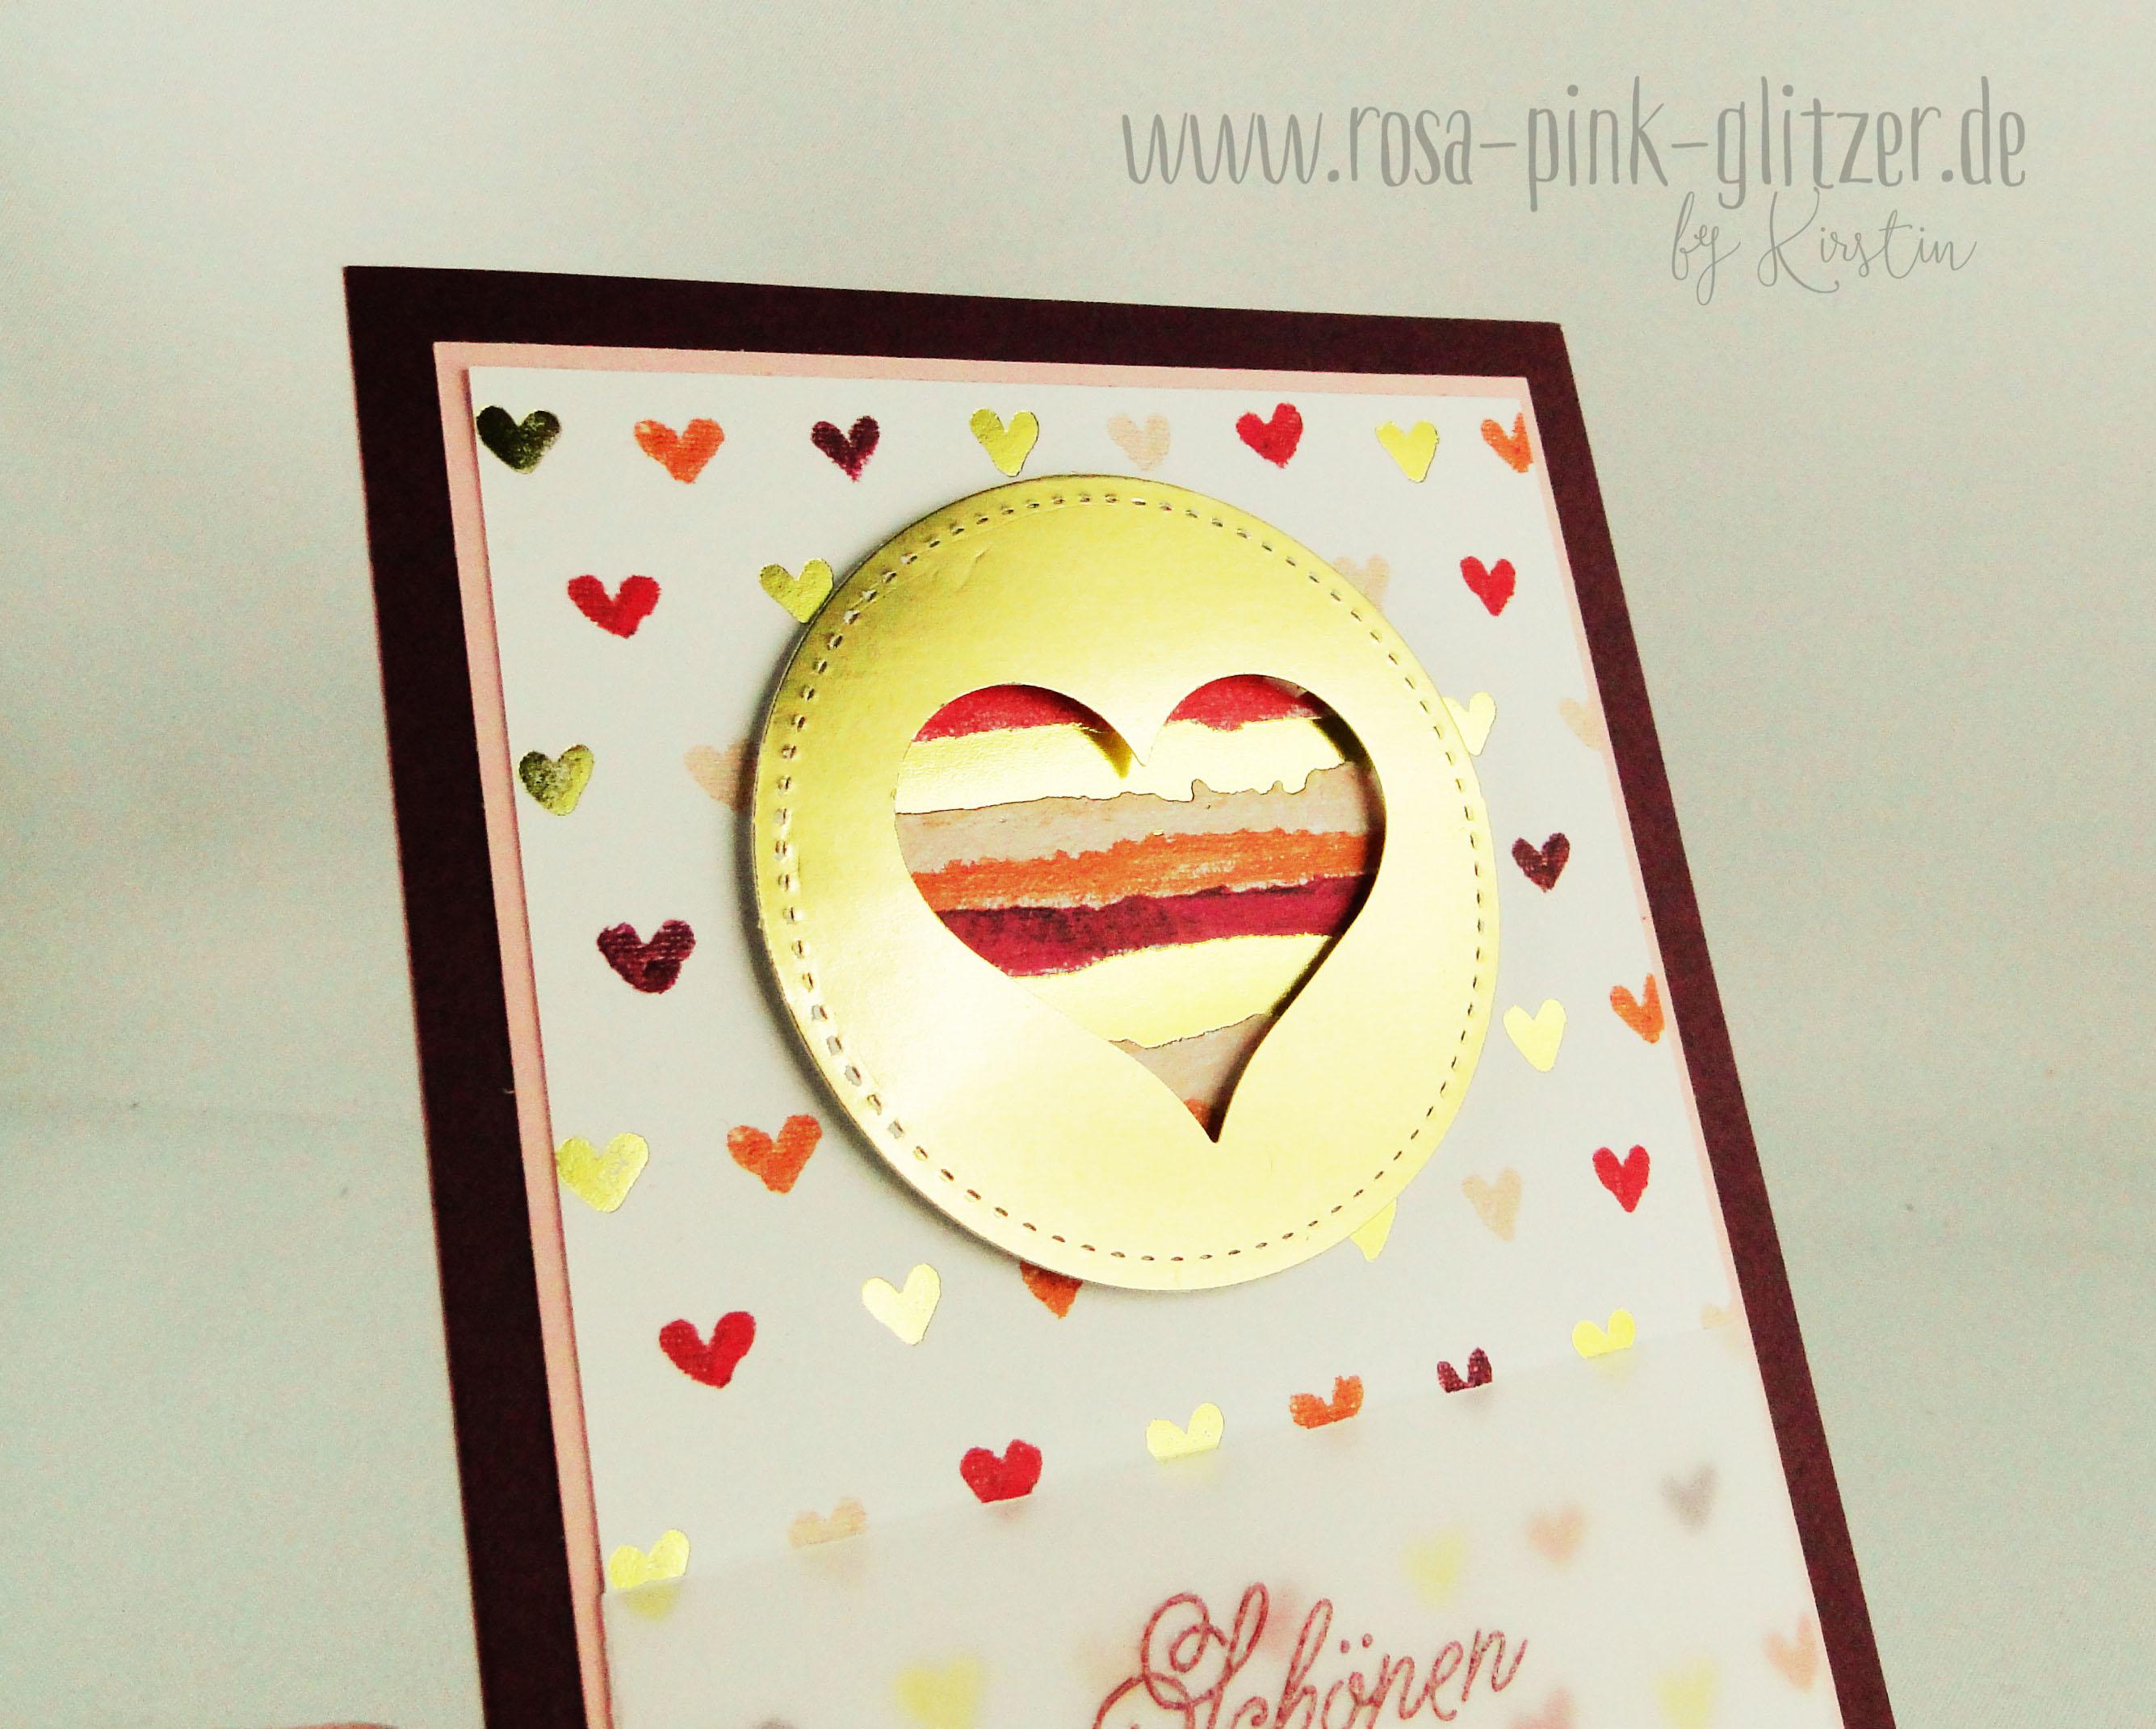 Valentine – Rosa, Pink & alles was glitzert